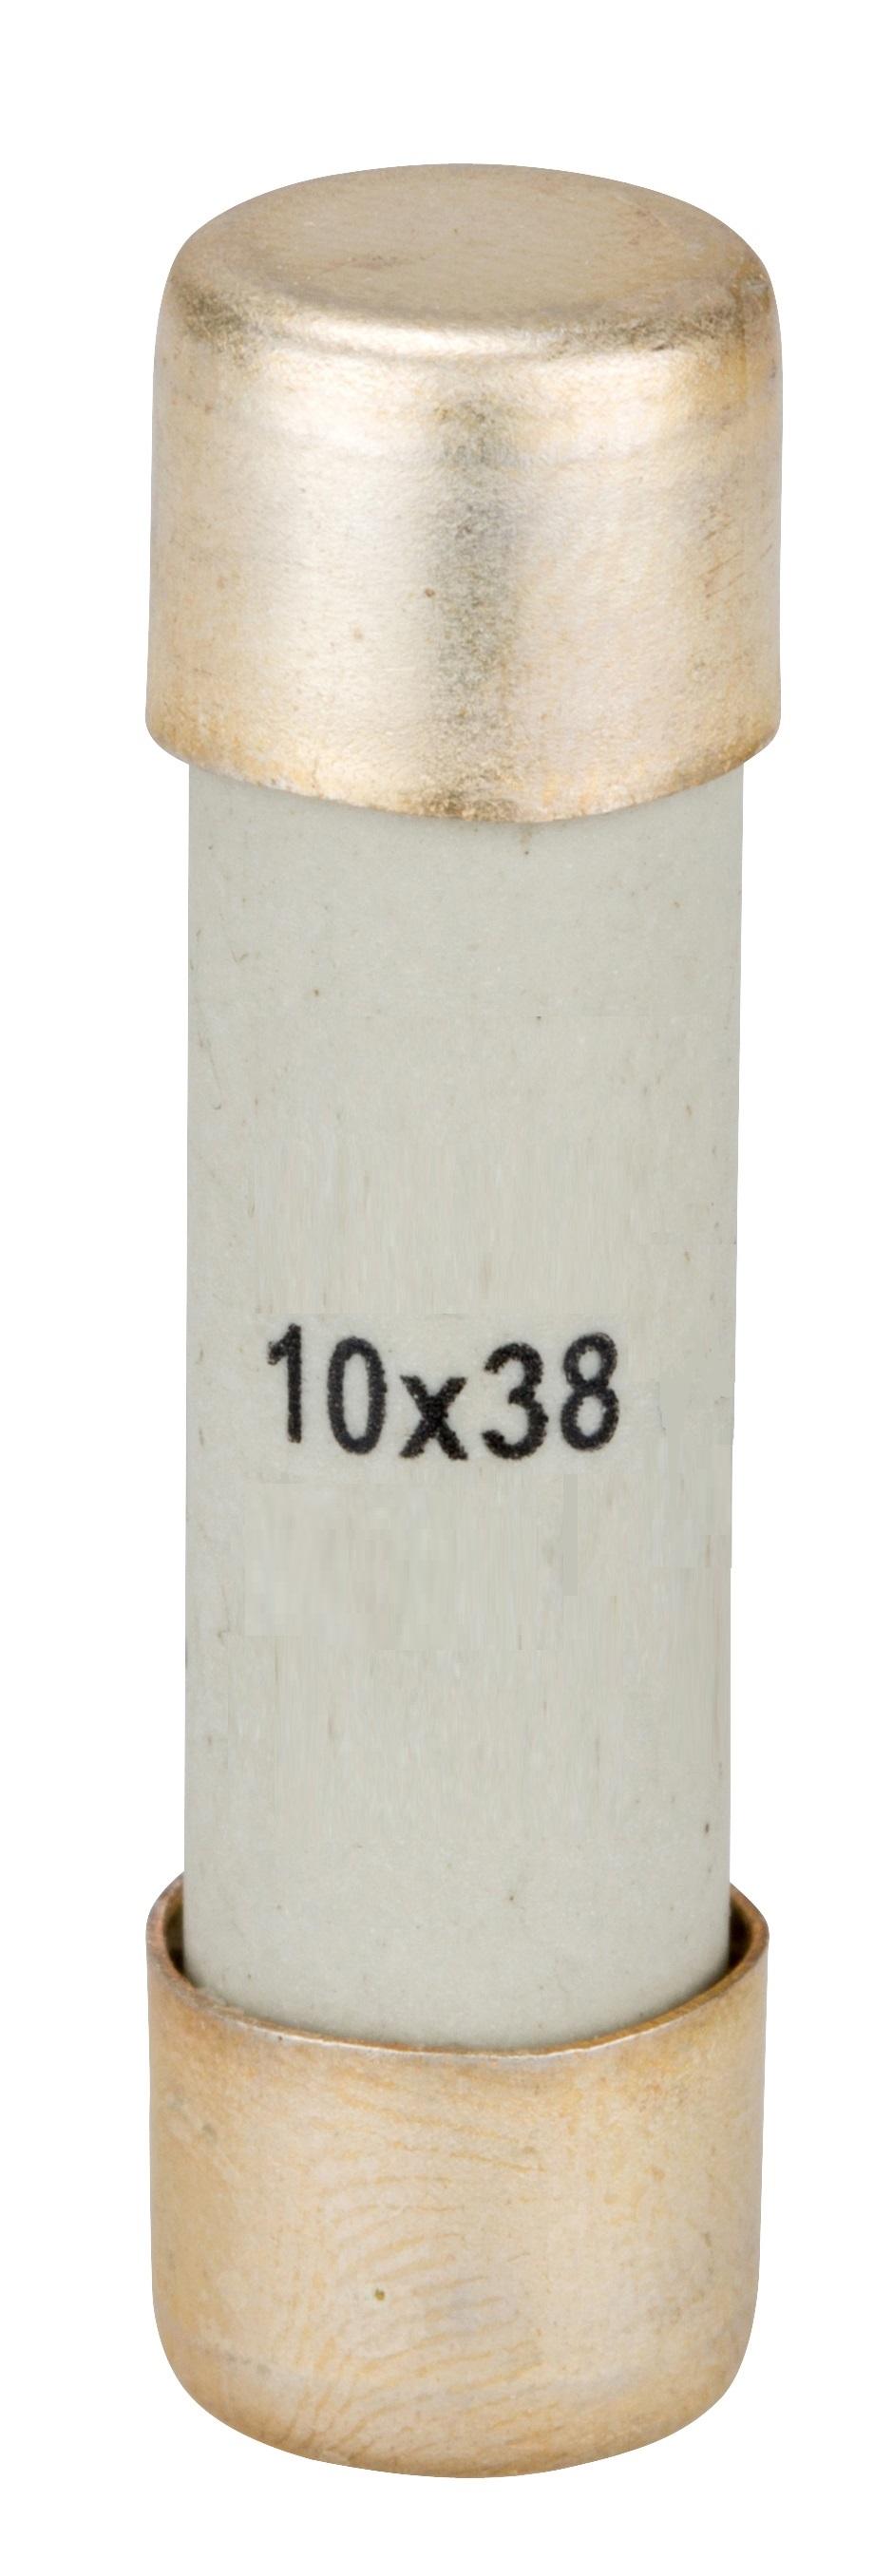 1 Stk Zylindrischer Sicherungseinsatz 10X38, 25A, gR, 690V SI312130--